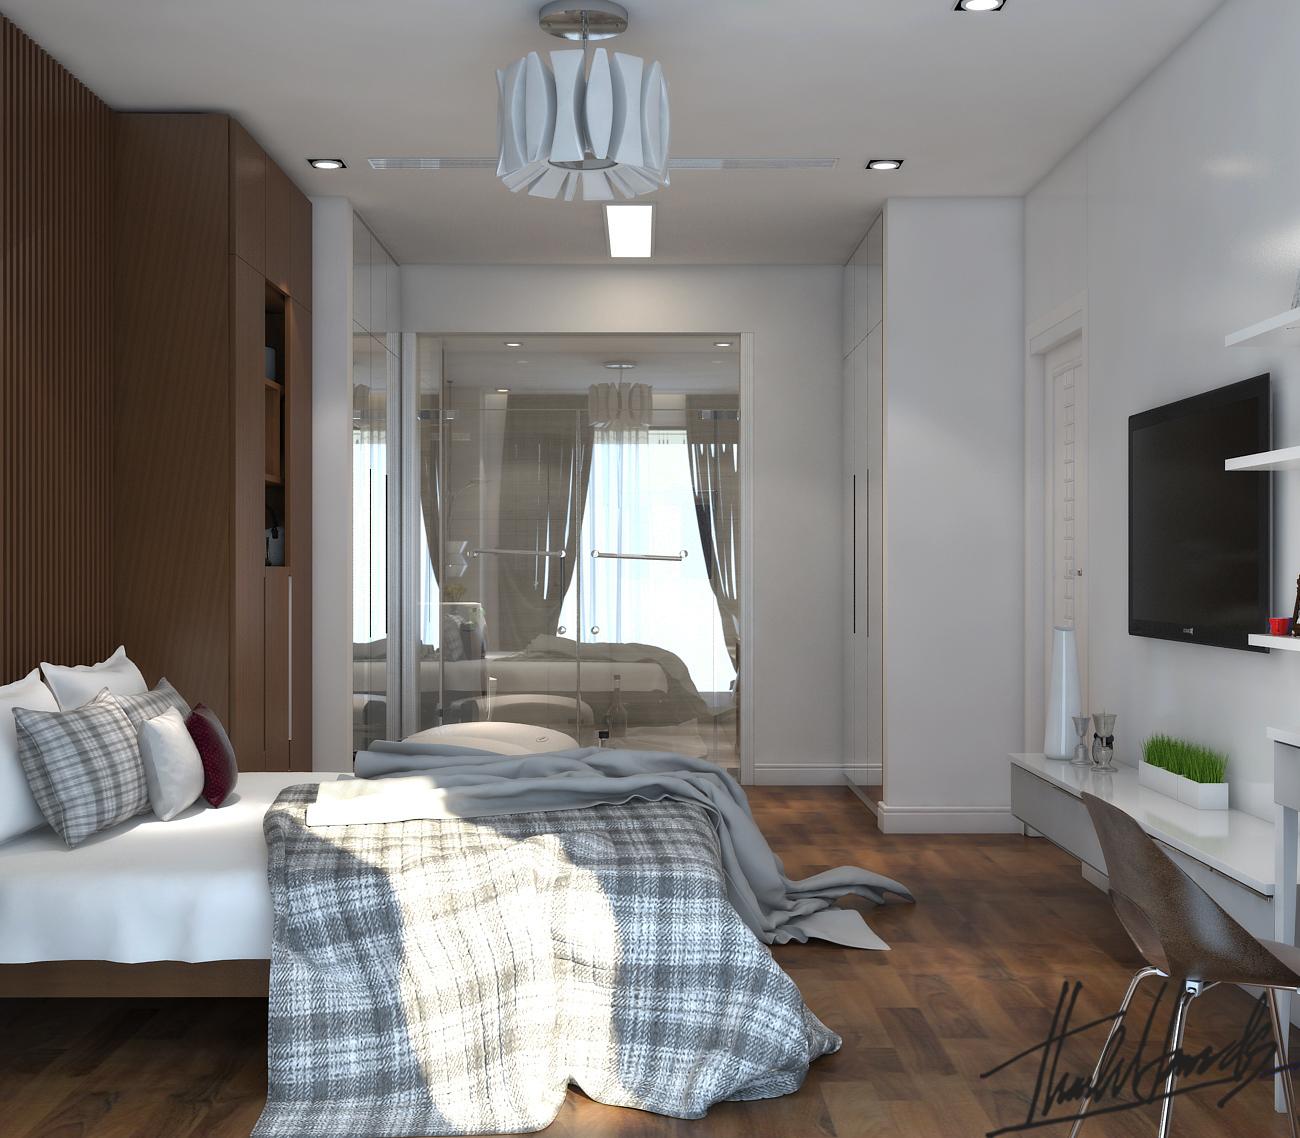 thiết kế nội thất chung cư tại Hà Nội chung cư roya city 15 1568274327